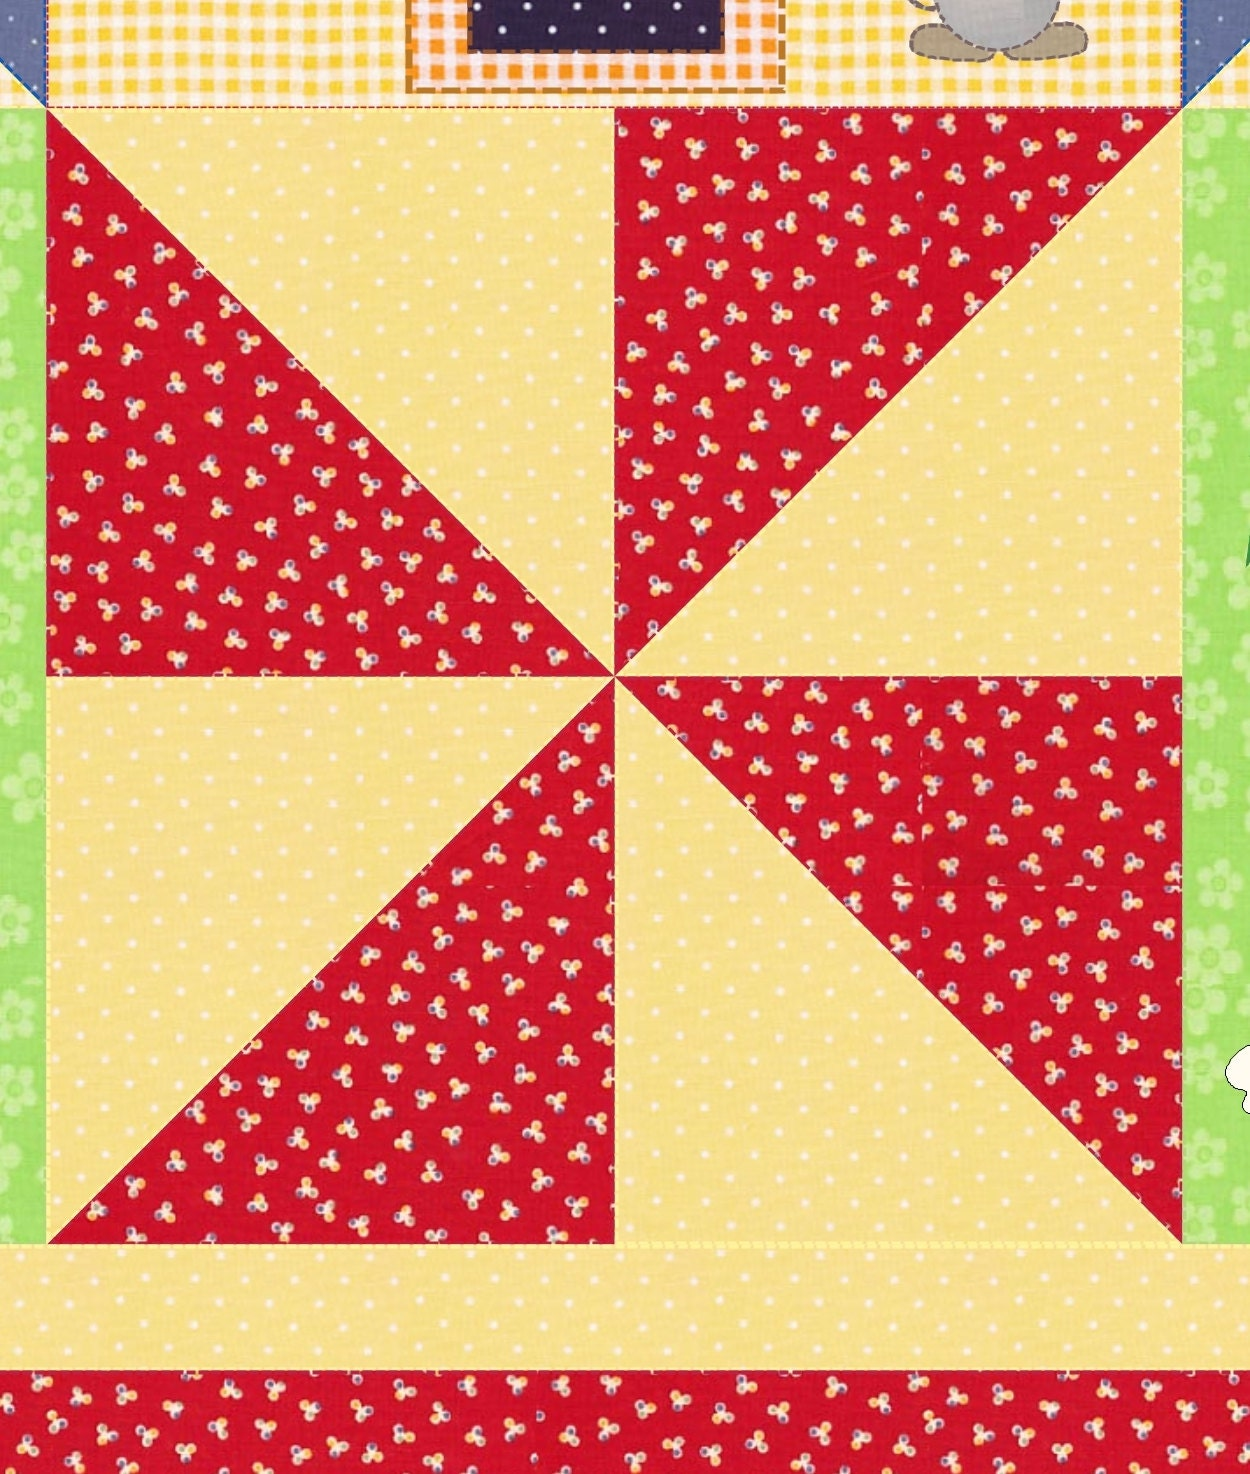 Rhyme Time Crib Quilt Pattern KinderGarden Designs